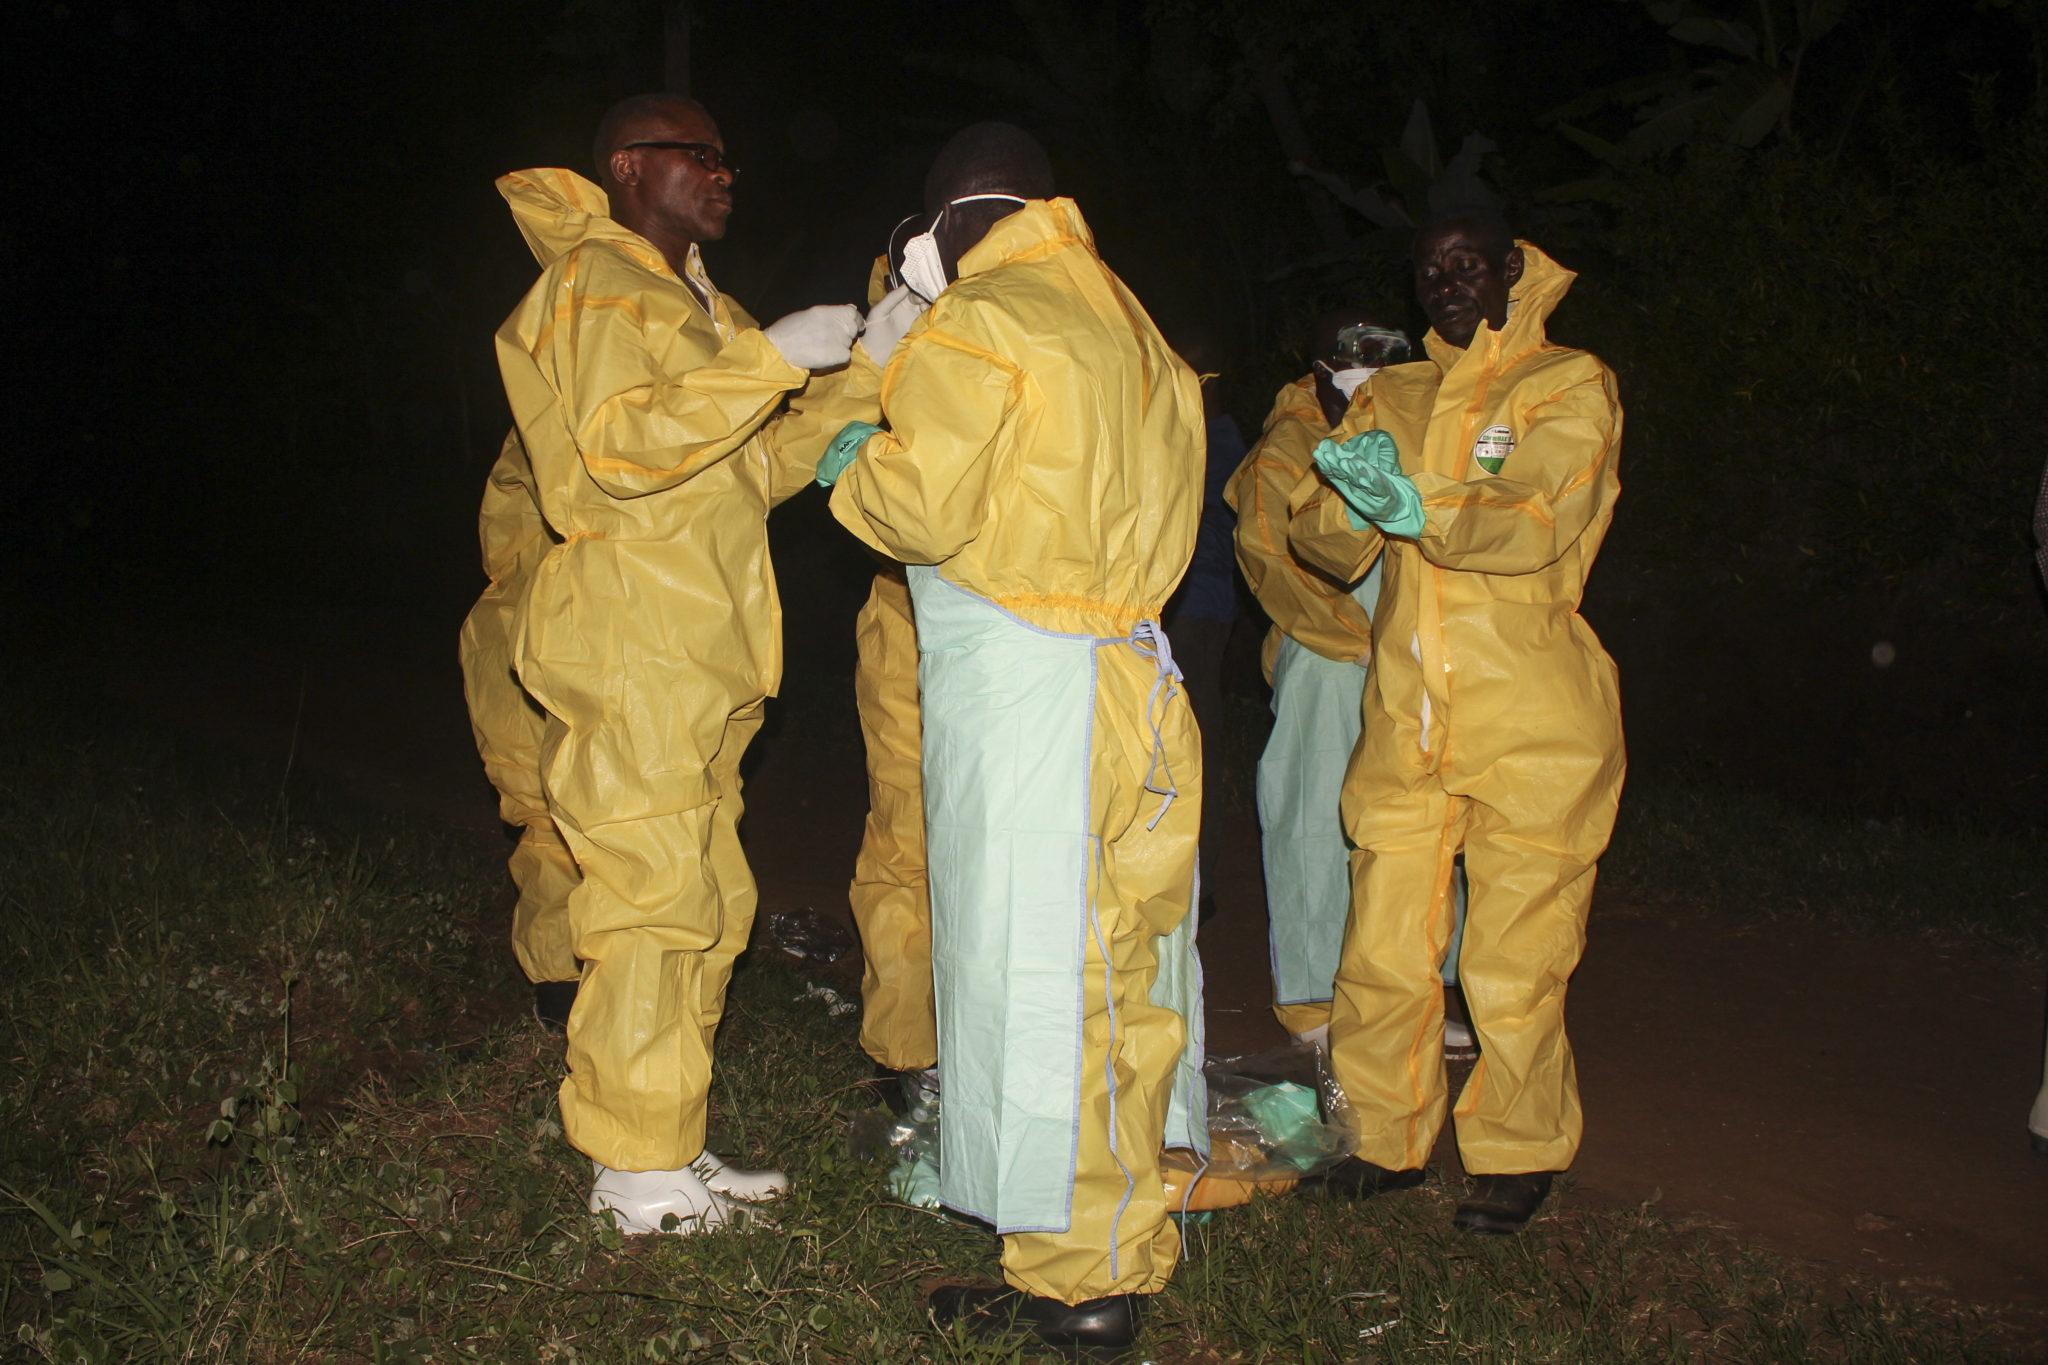 Zagrożenie epidemią eboli w Afryce. Najpierw zmarł pięciolatek, potem jego babcia. Wirus przekroczył granicę W sumie władze badają 27 osób, które mogły mieć kontakt z zakażonymi, fot. MELANIE ATUREEBE, PAP/EPA